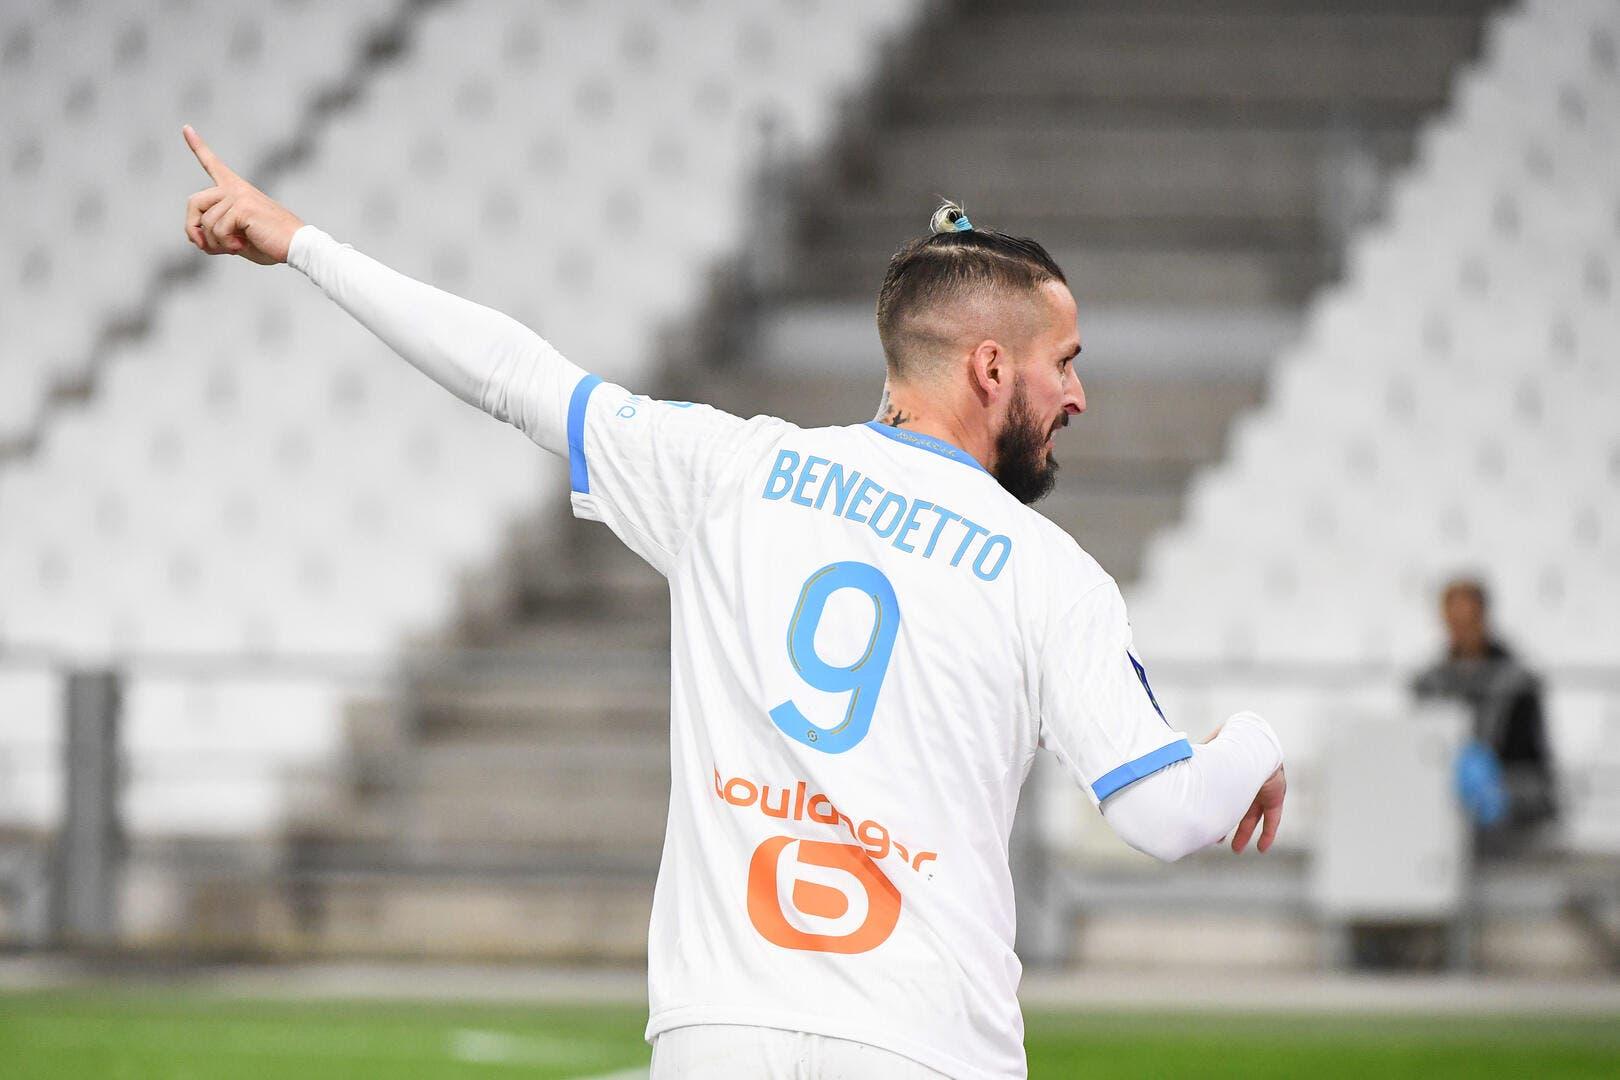 OM : Neuf mois sans but, Benedetto n'a jamais douté